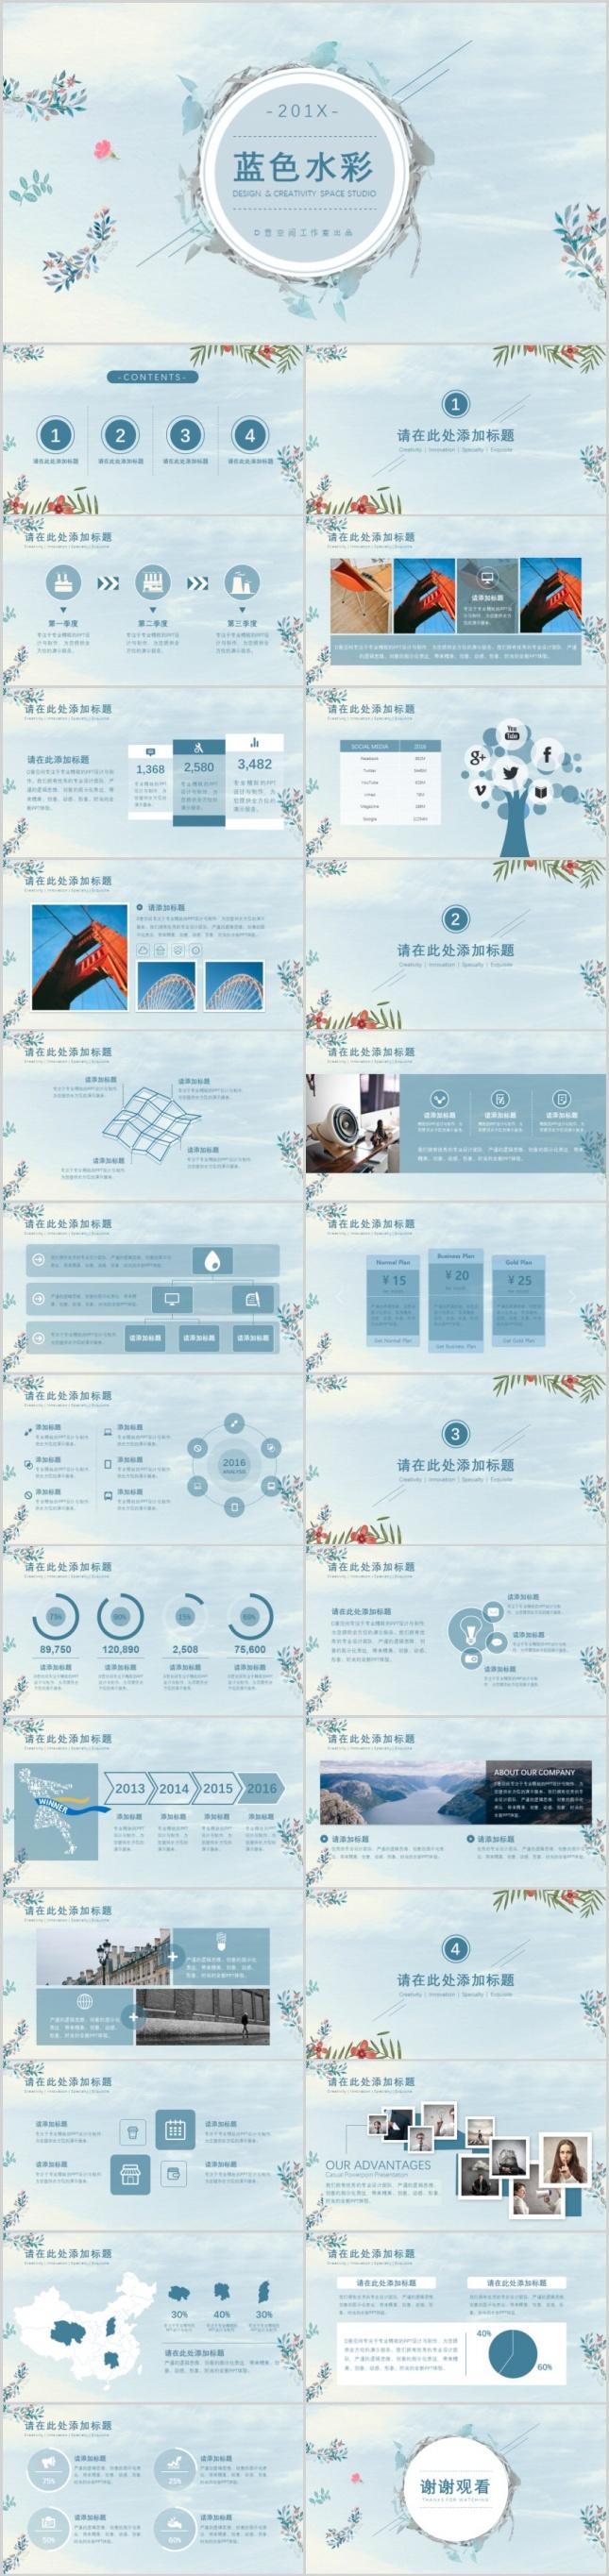 蓝色水彩文艺范PPT模板